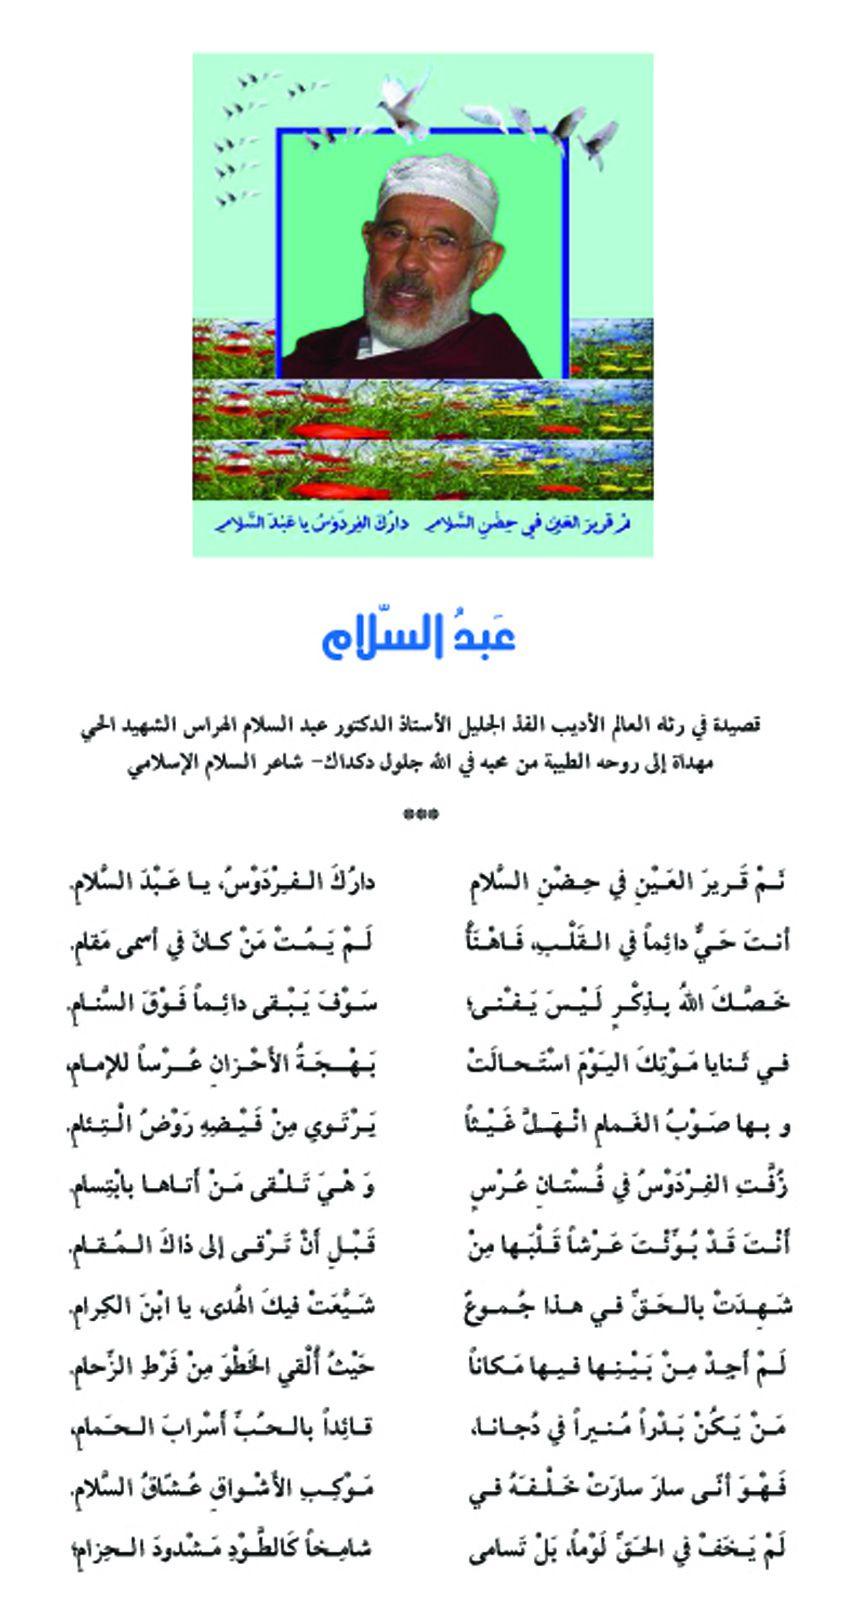 جلول دكداك يرثي الدكتور عبد السلام الهراس